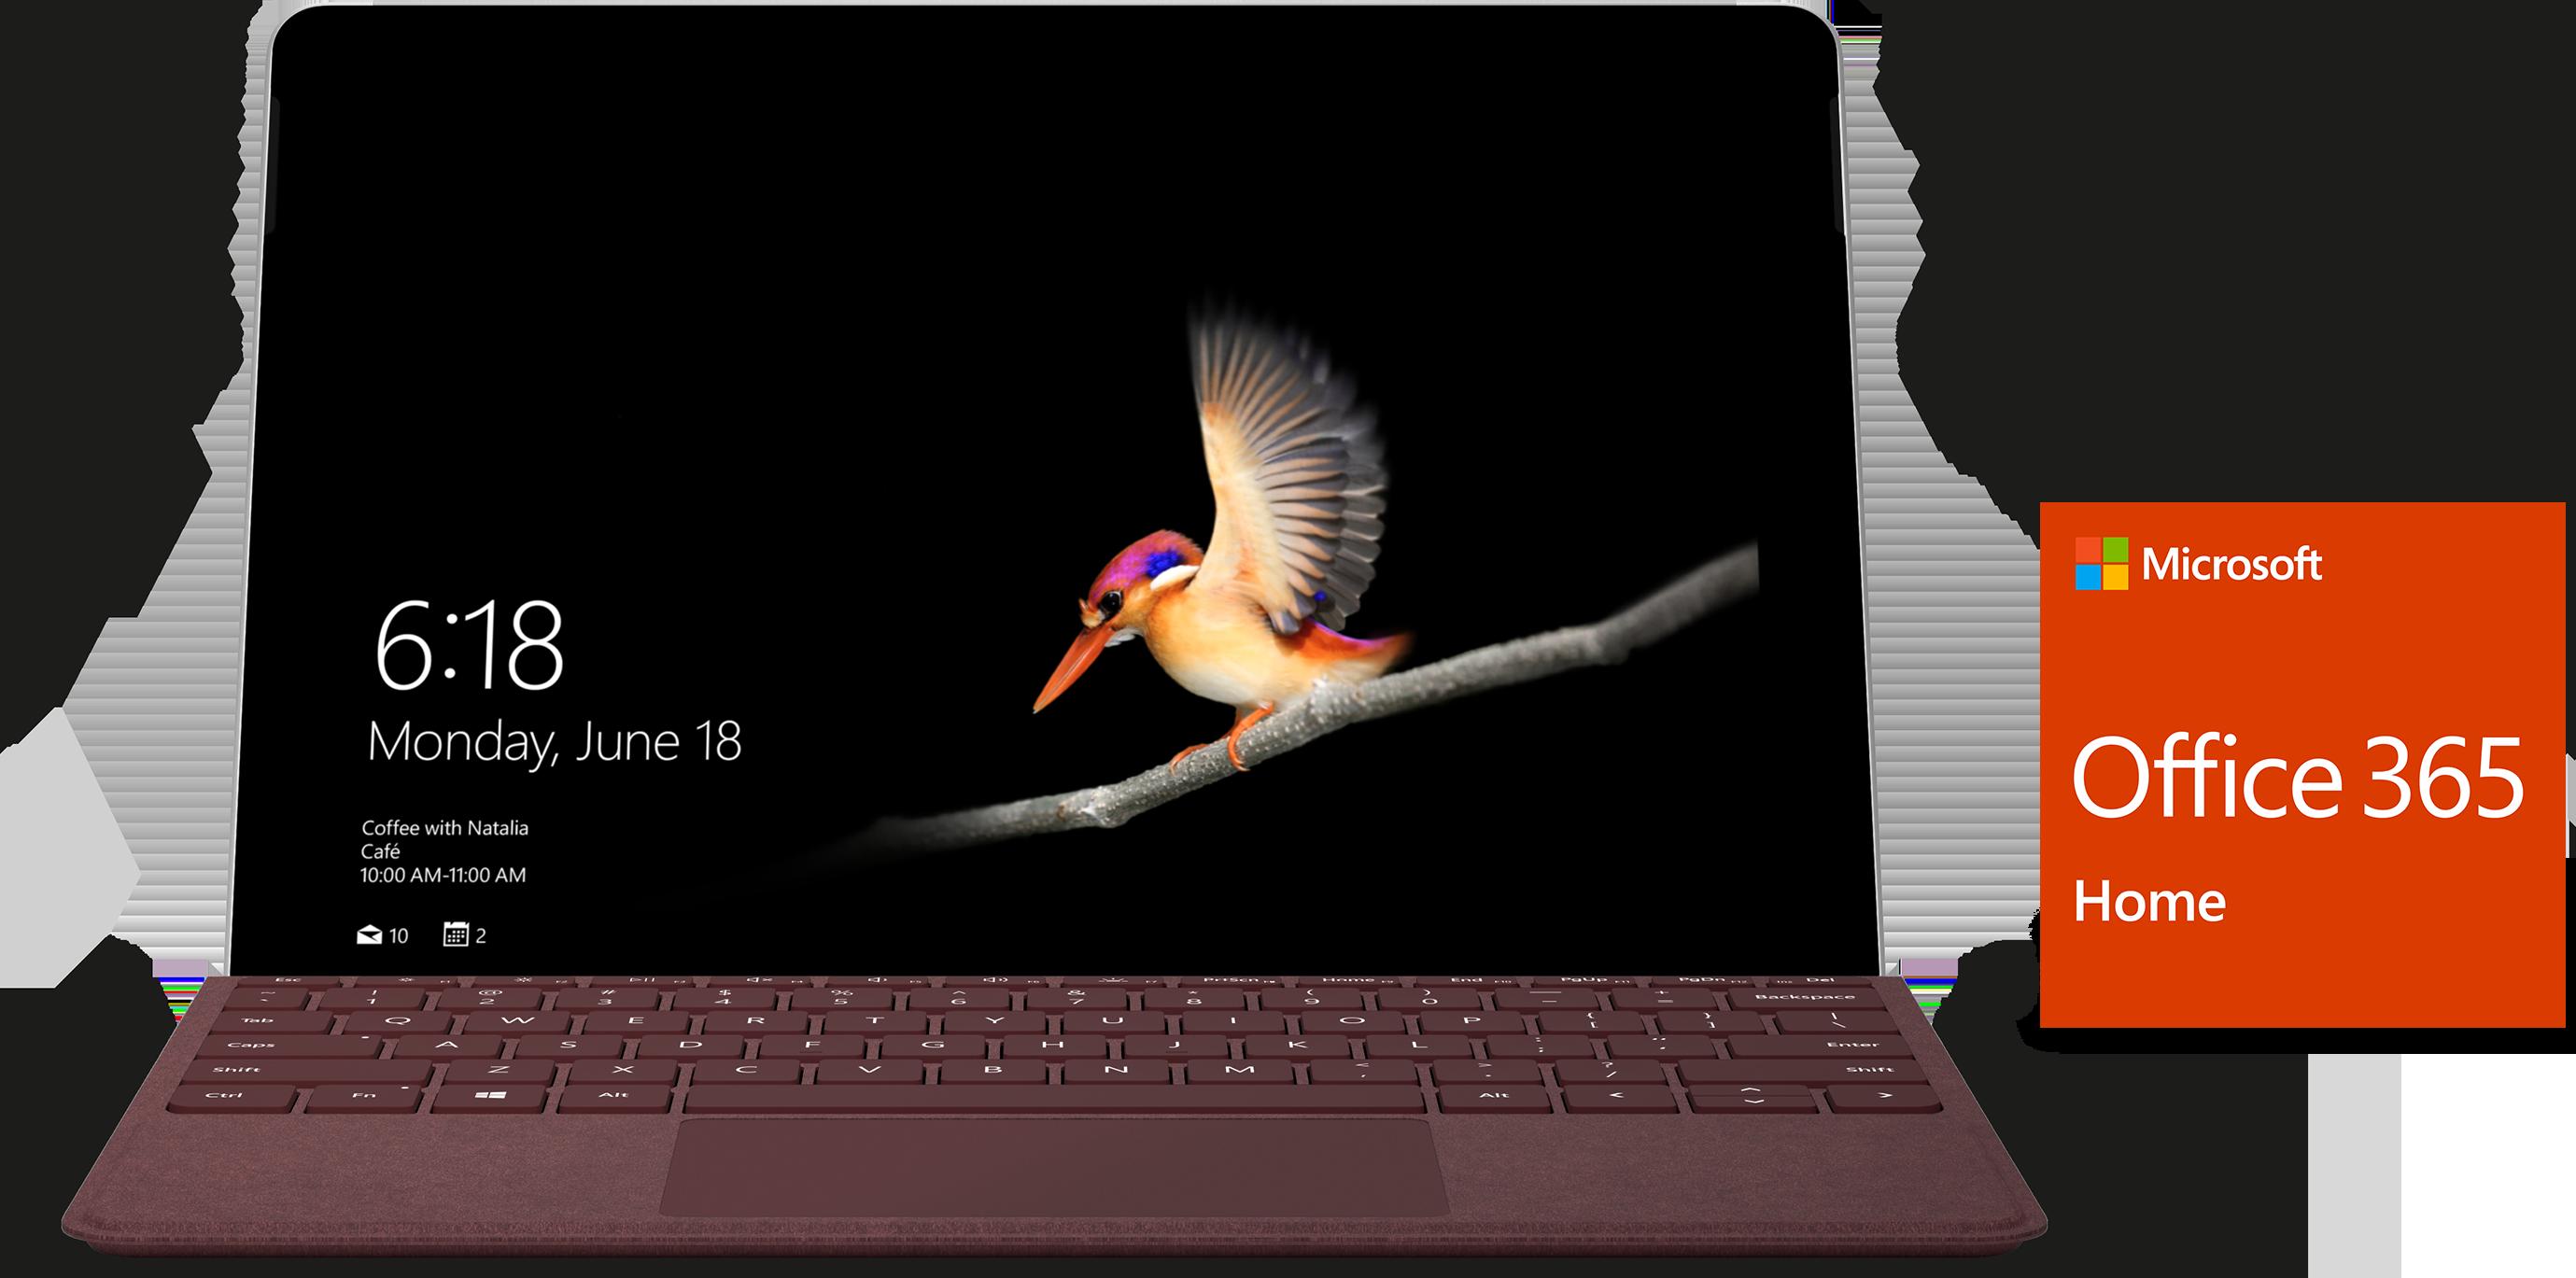 Vista frontale di Surface Go con cover con tasti e logo Office 365